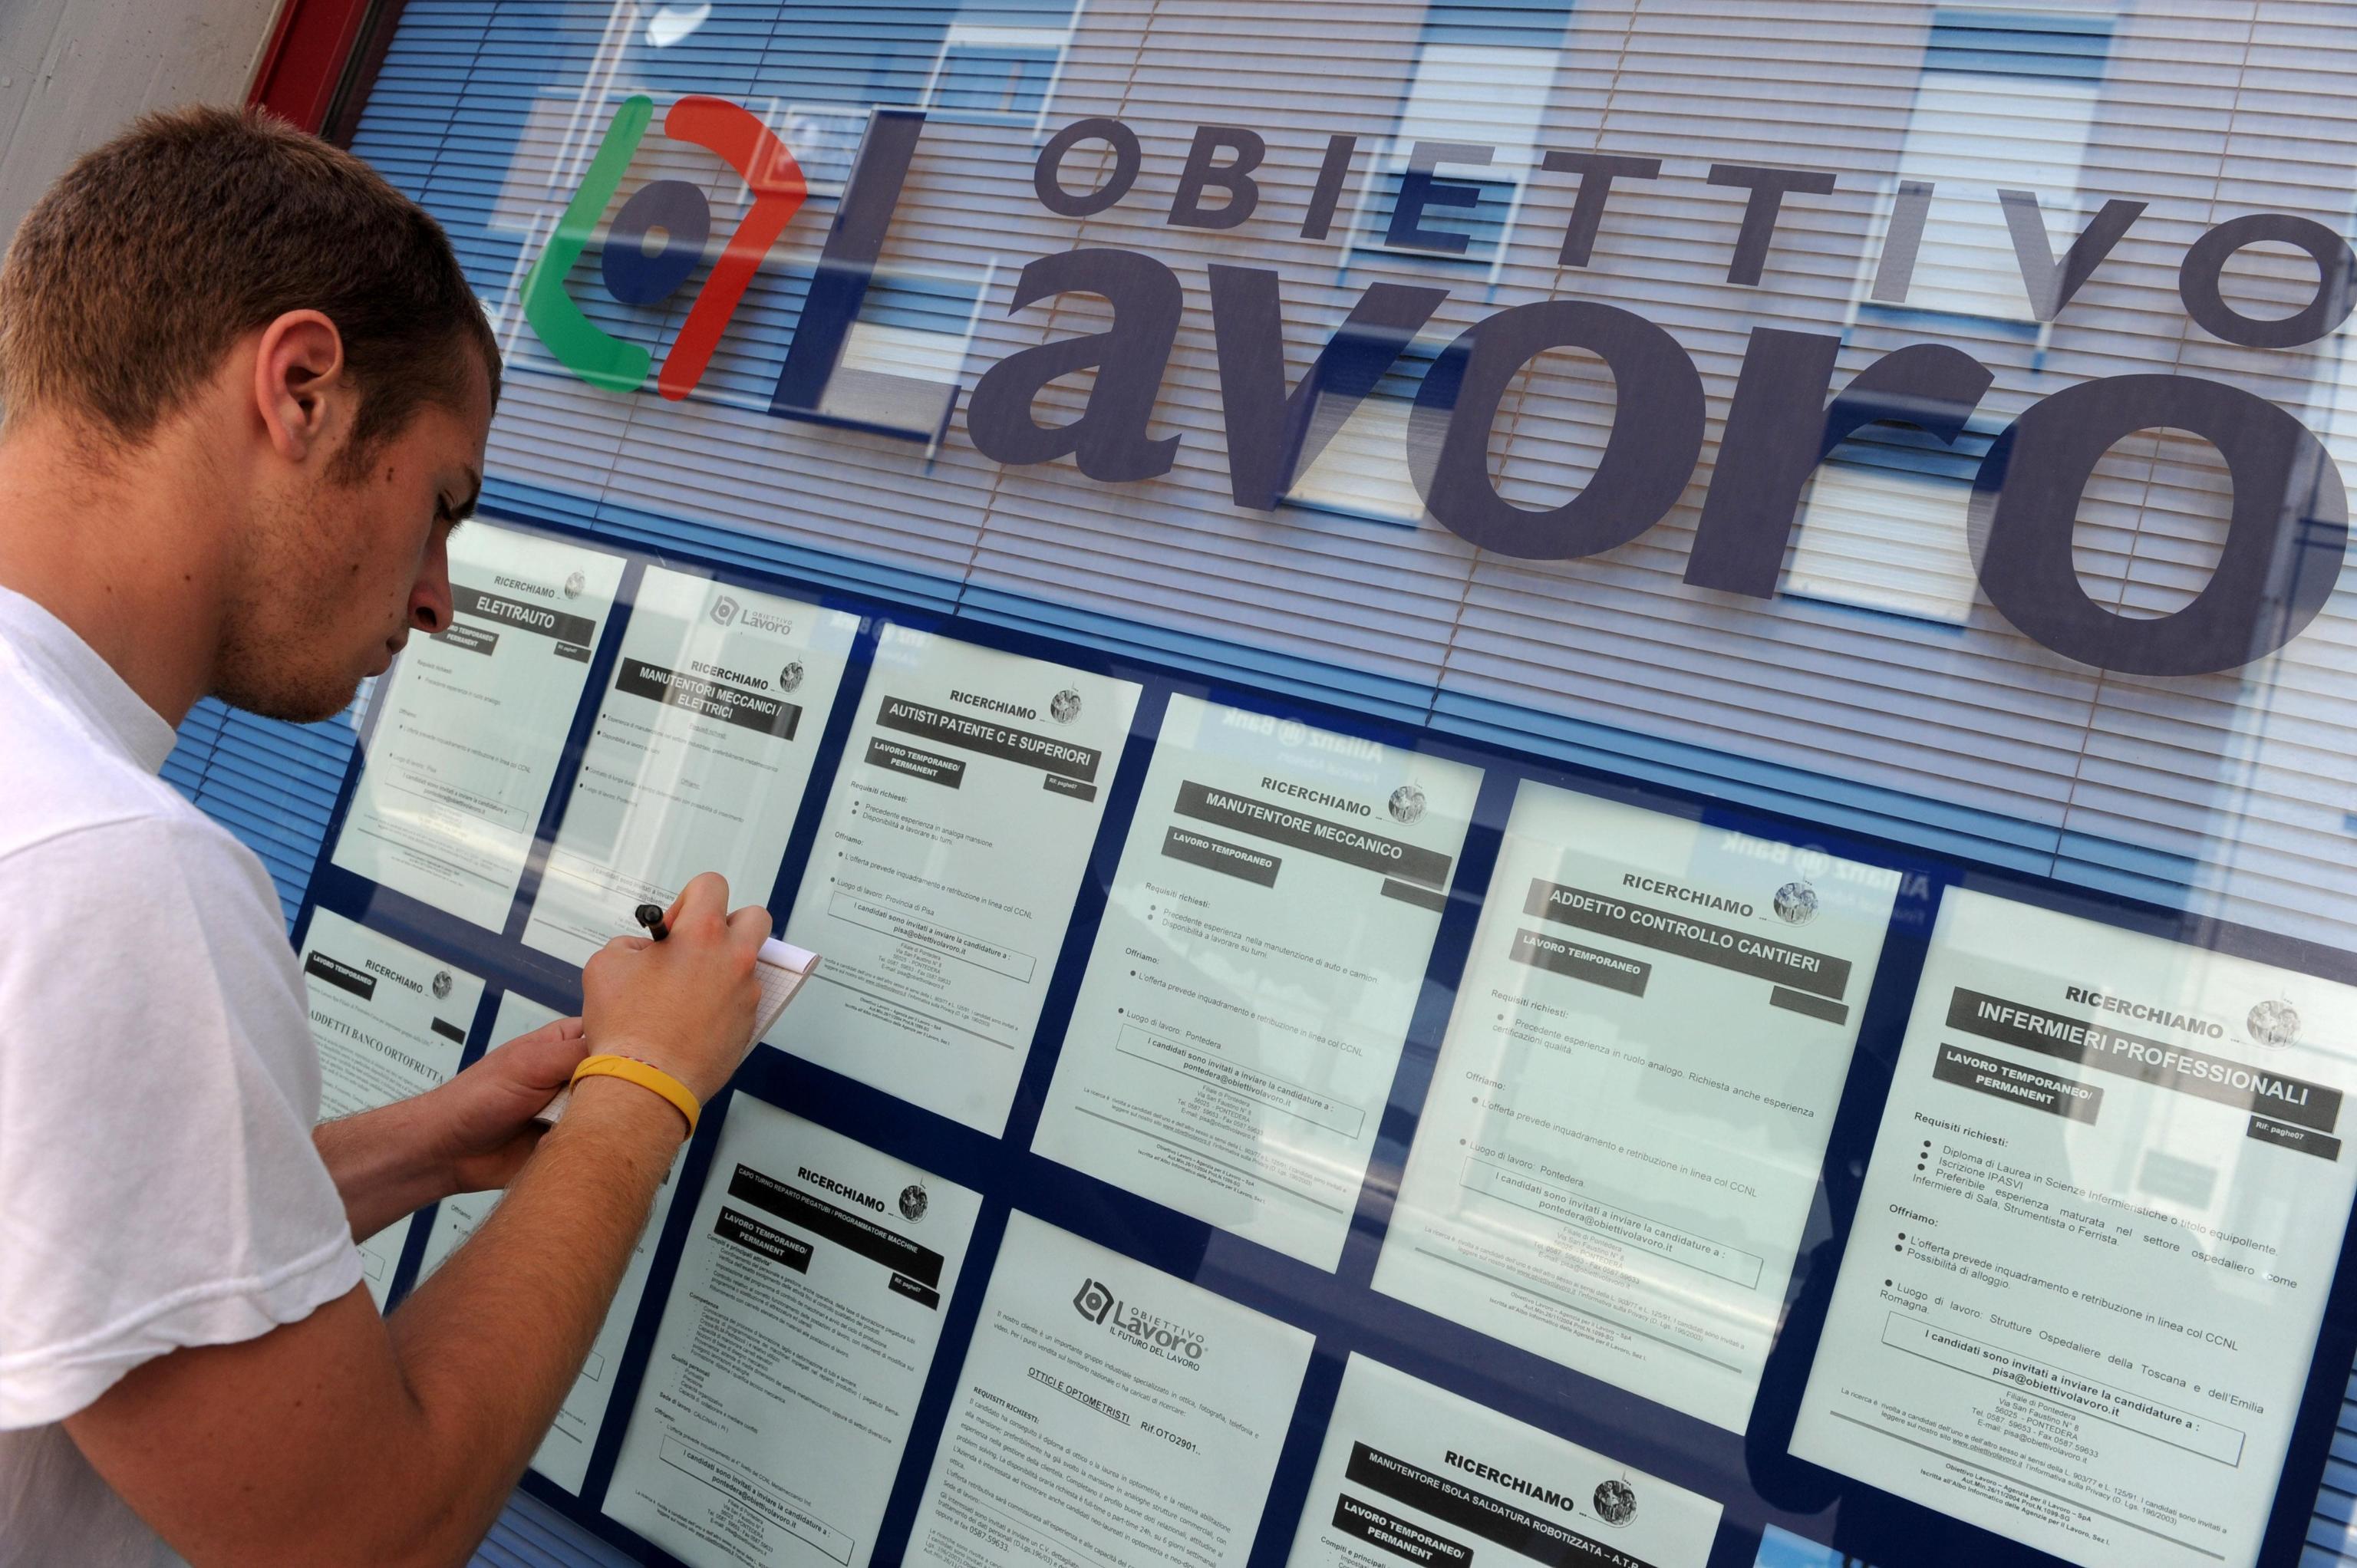 Lavoro: il tasso di occupazione italiano sotto la media Ue